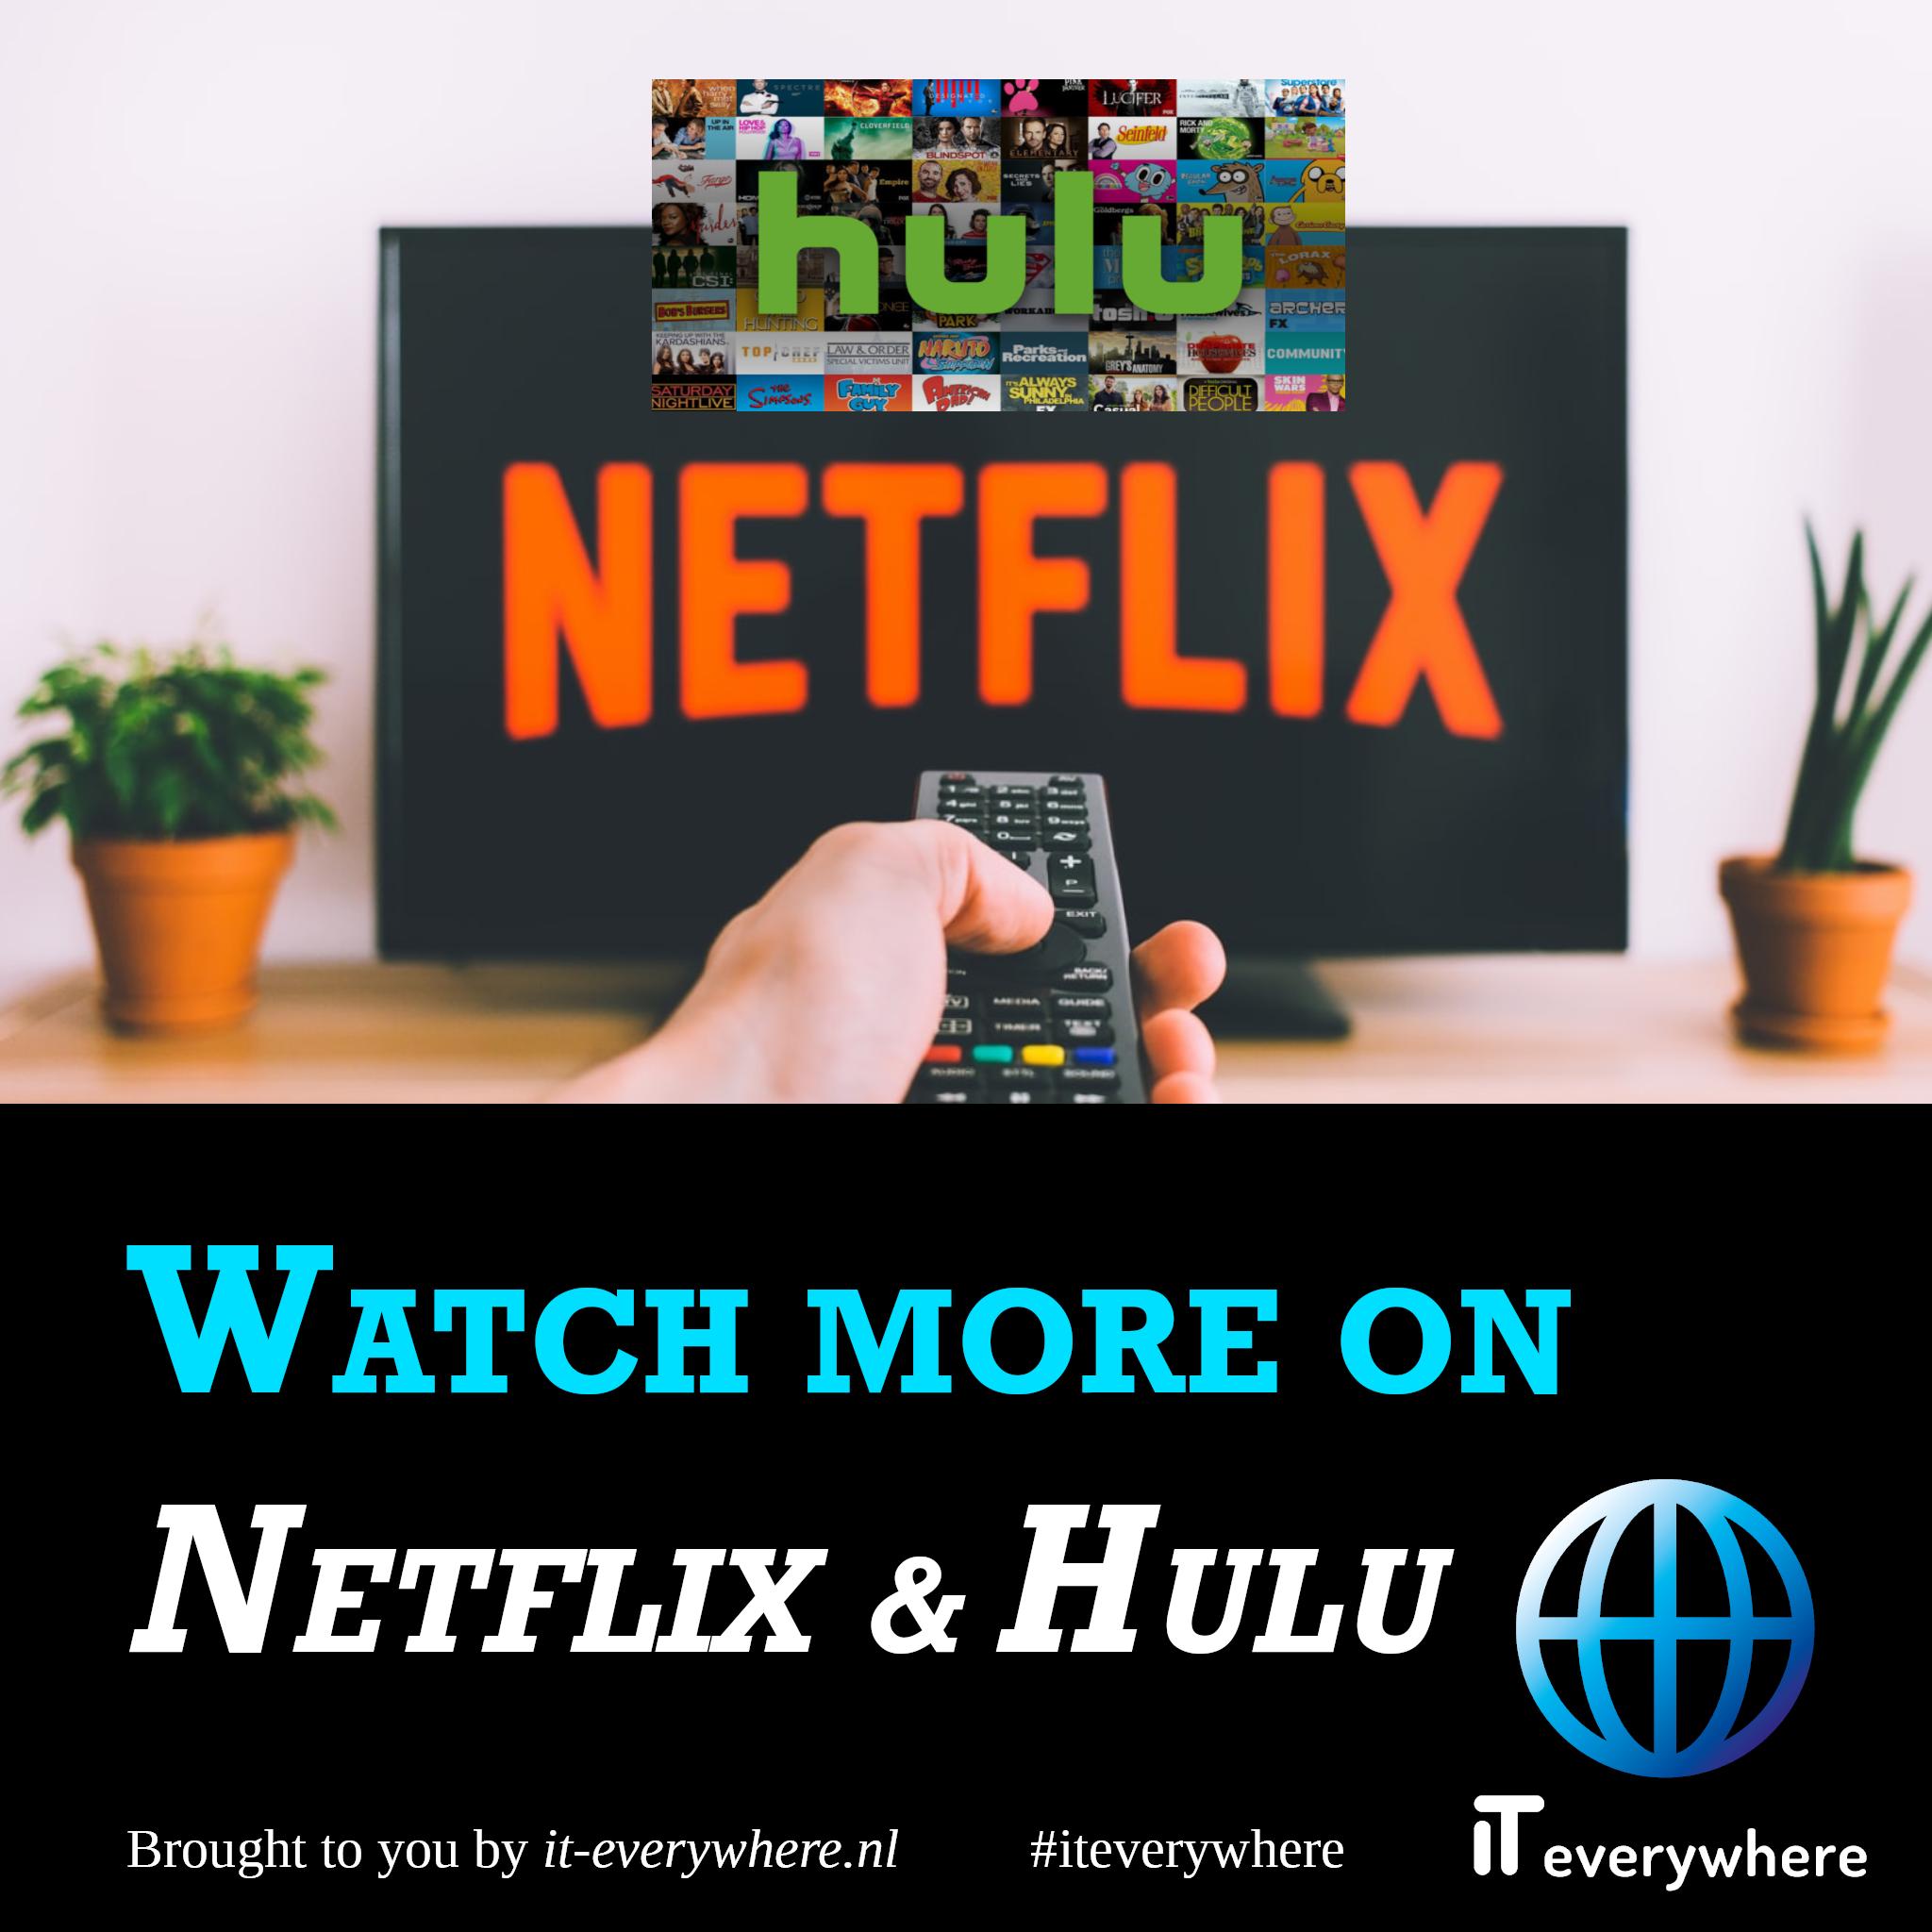 Krijg meer aanbod op Netflix